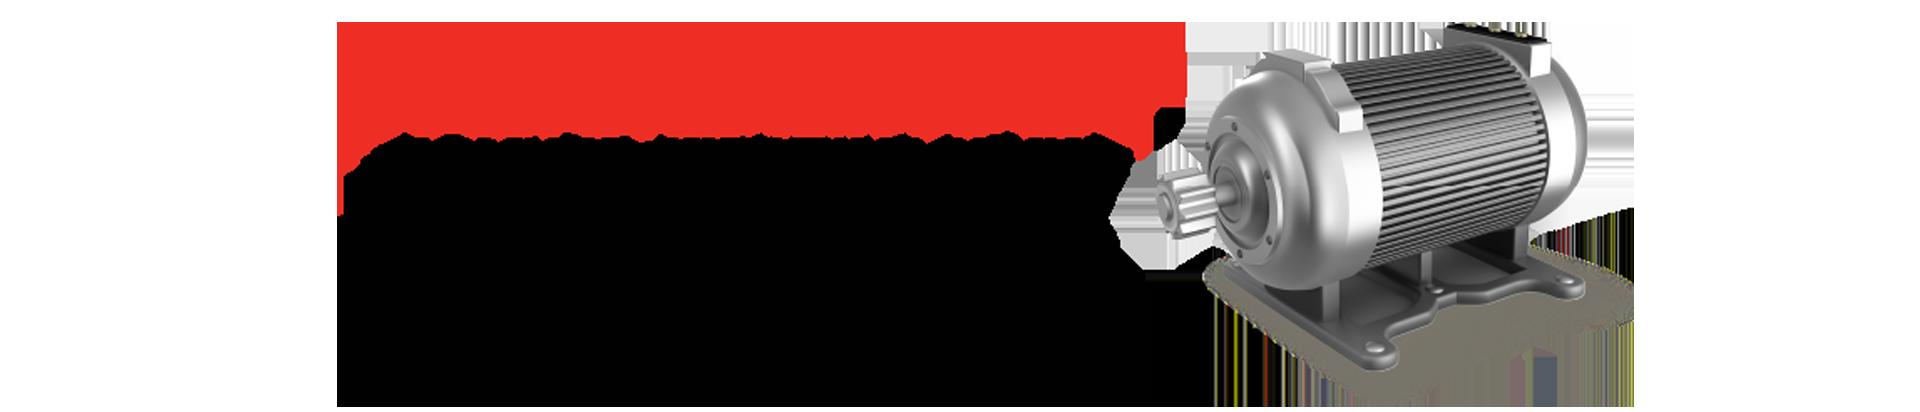 Ipmr industrial pump and motor repair inc for Industrial pump and motor